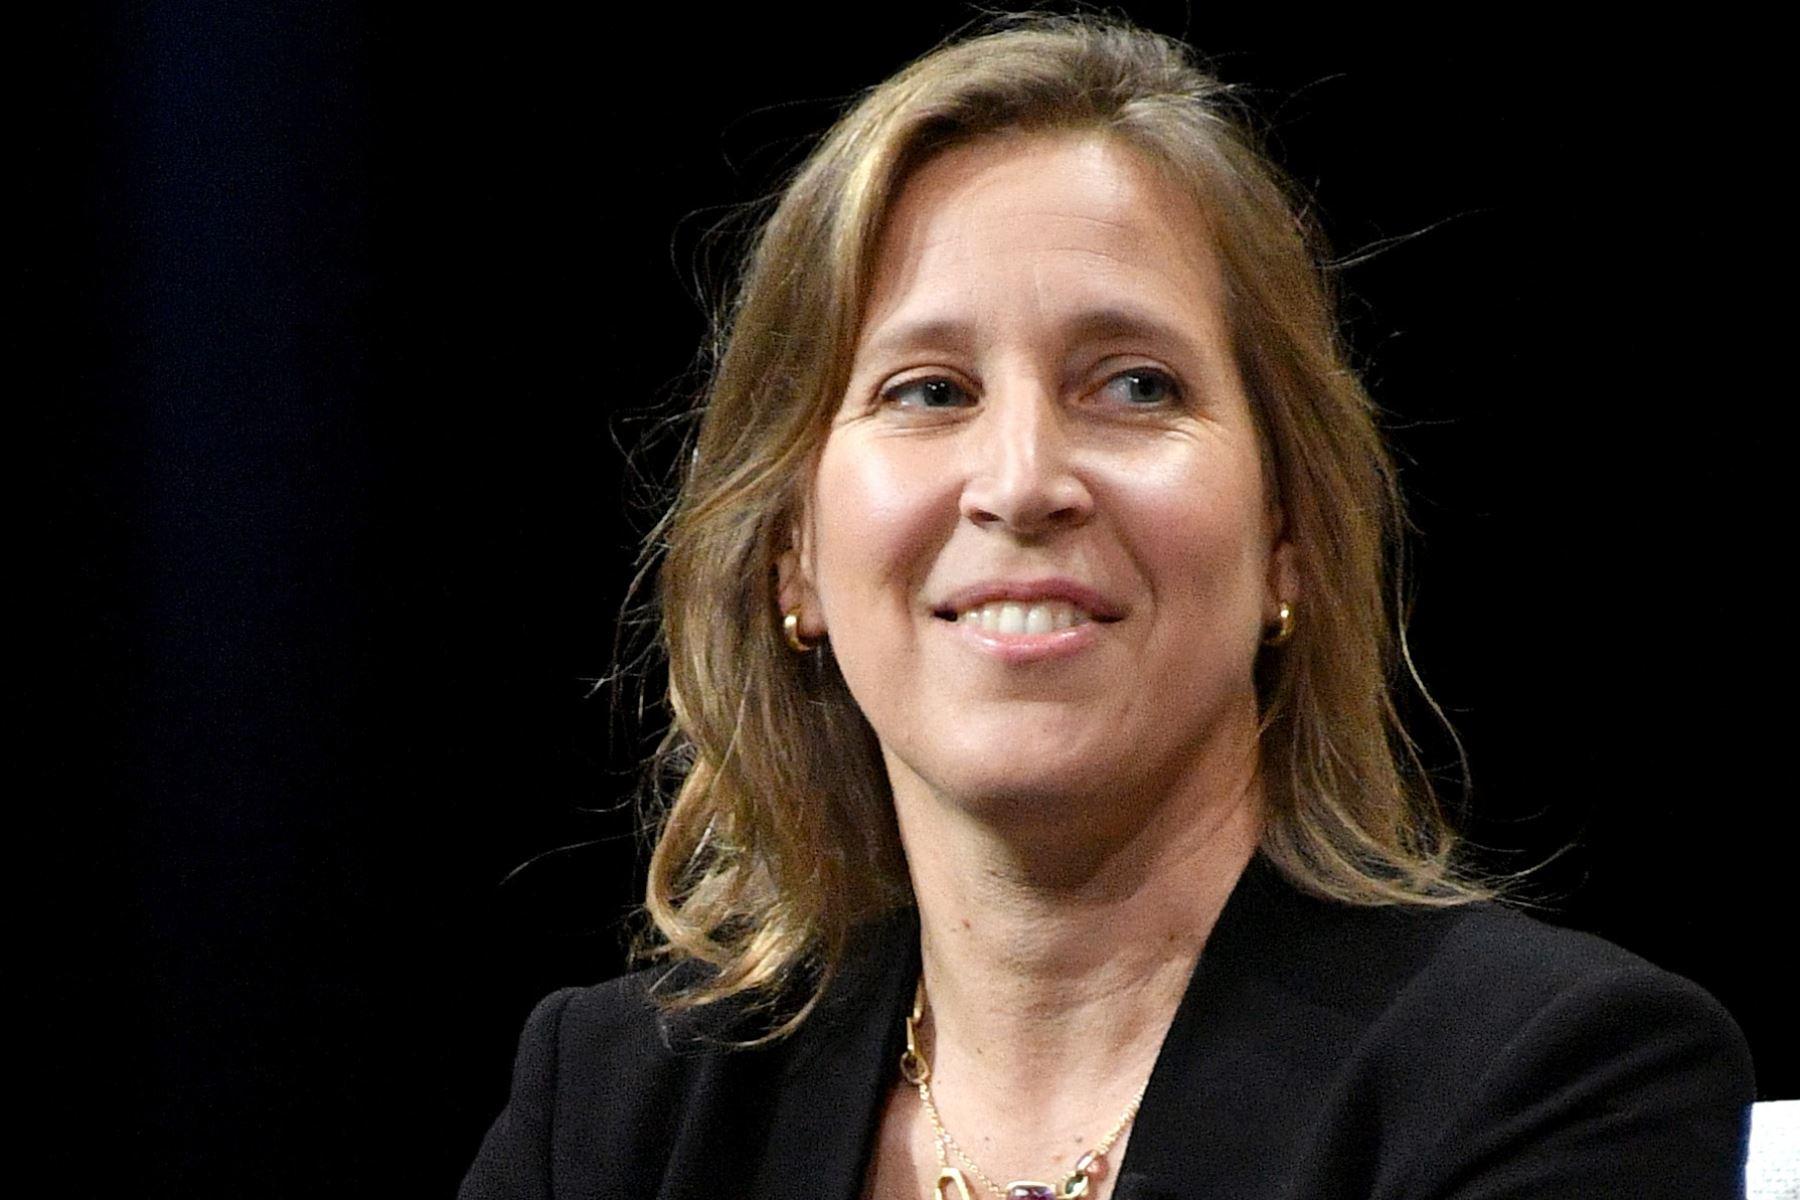 Susan Wojcicki es una historiadora estadounidense de origen polaco y directora ejecutiva de YouTube. AFP